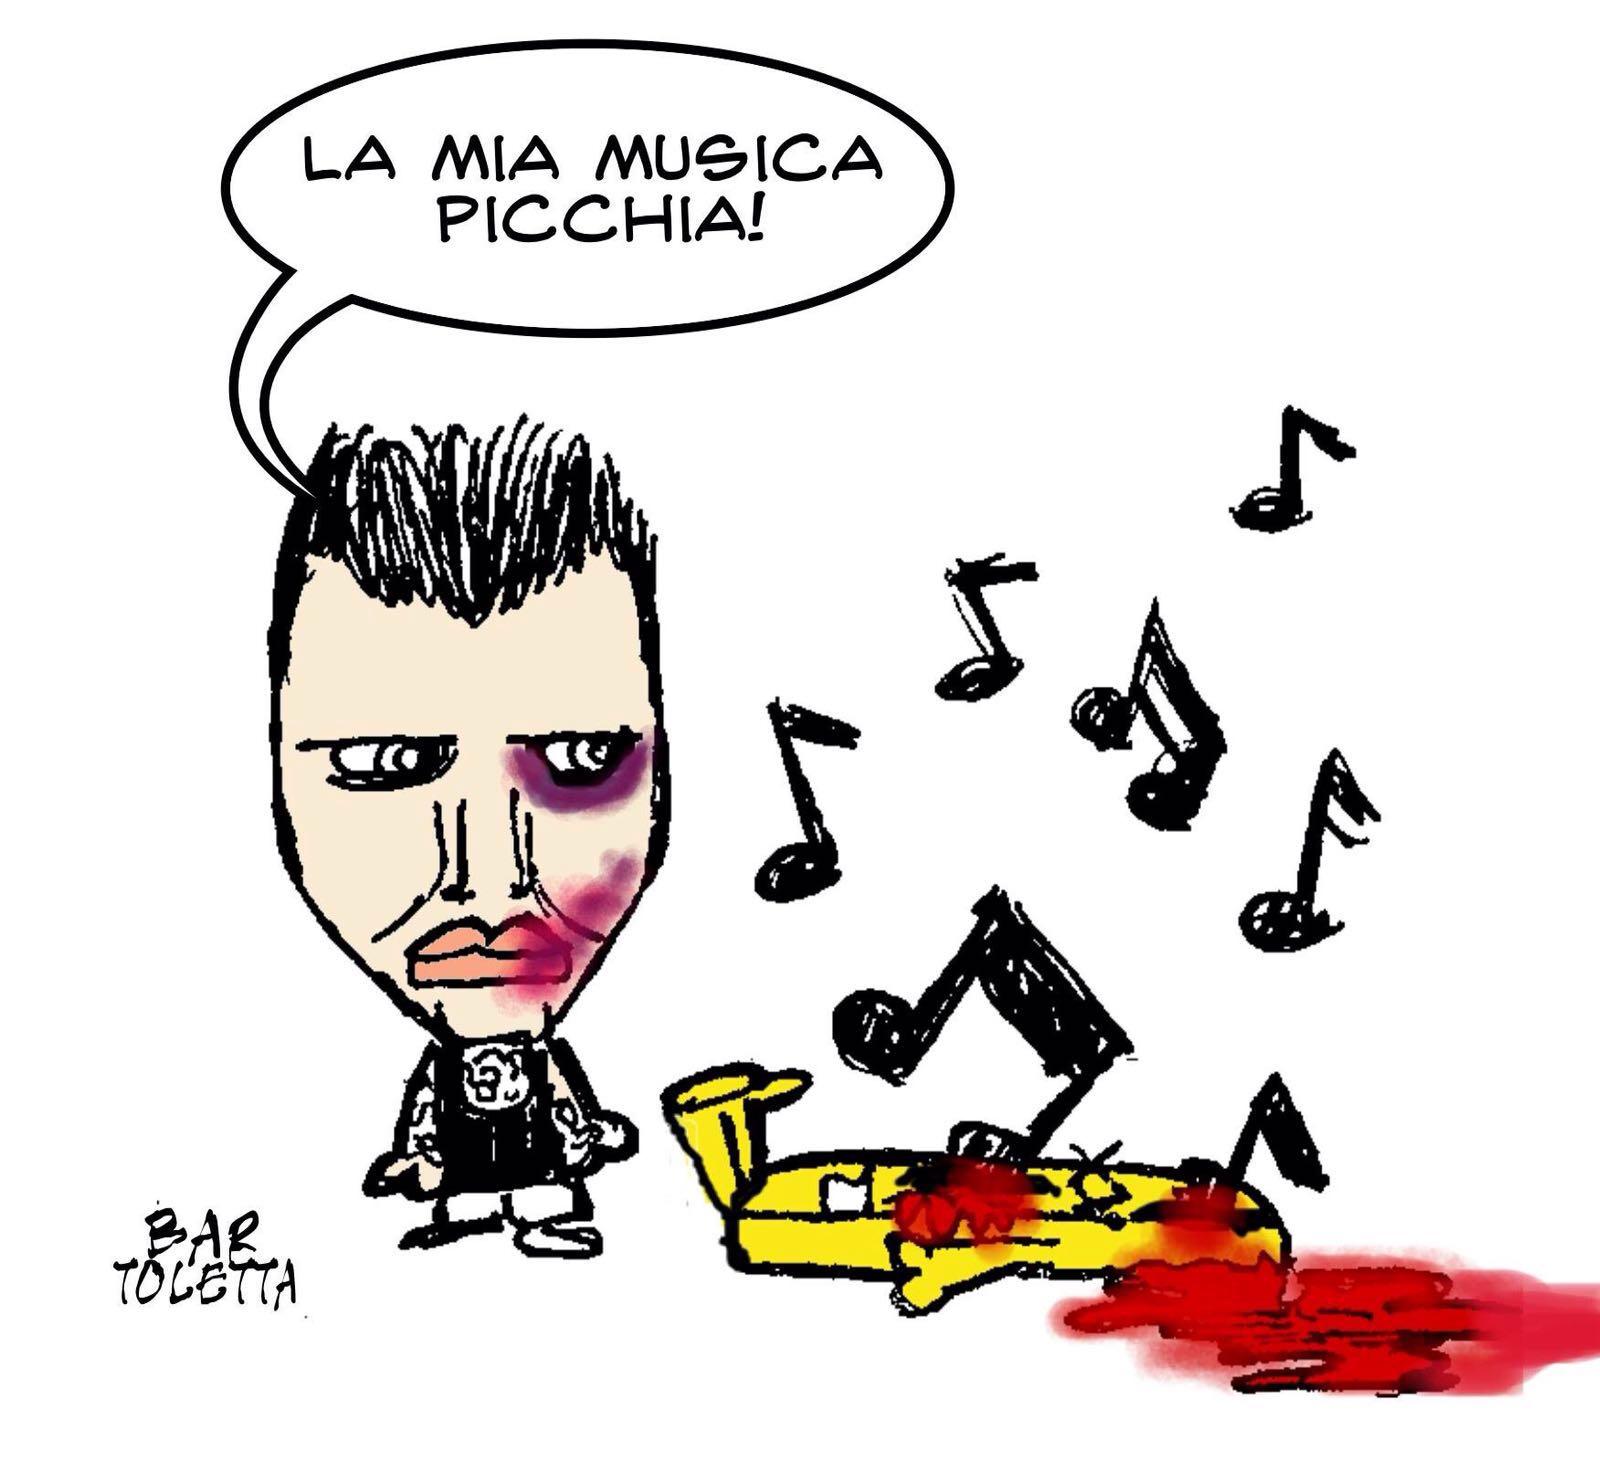 La mia musica picchia!